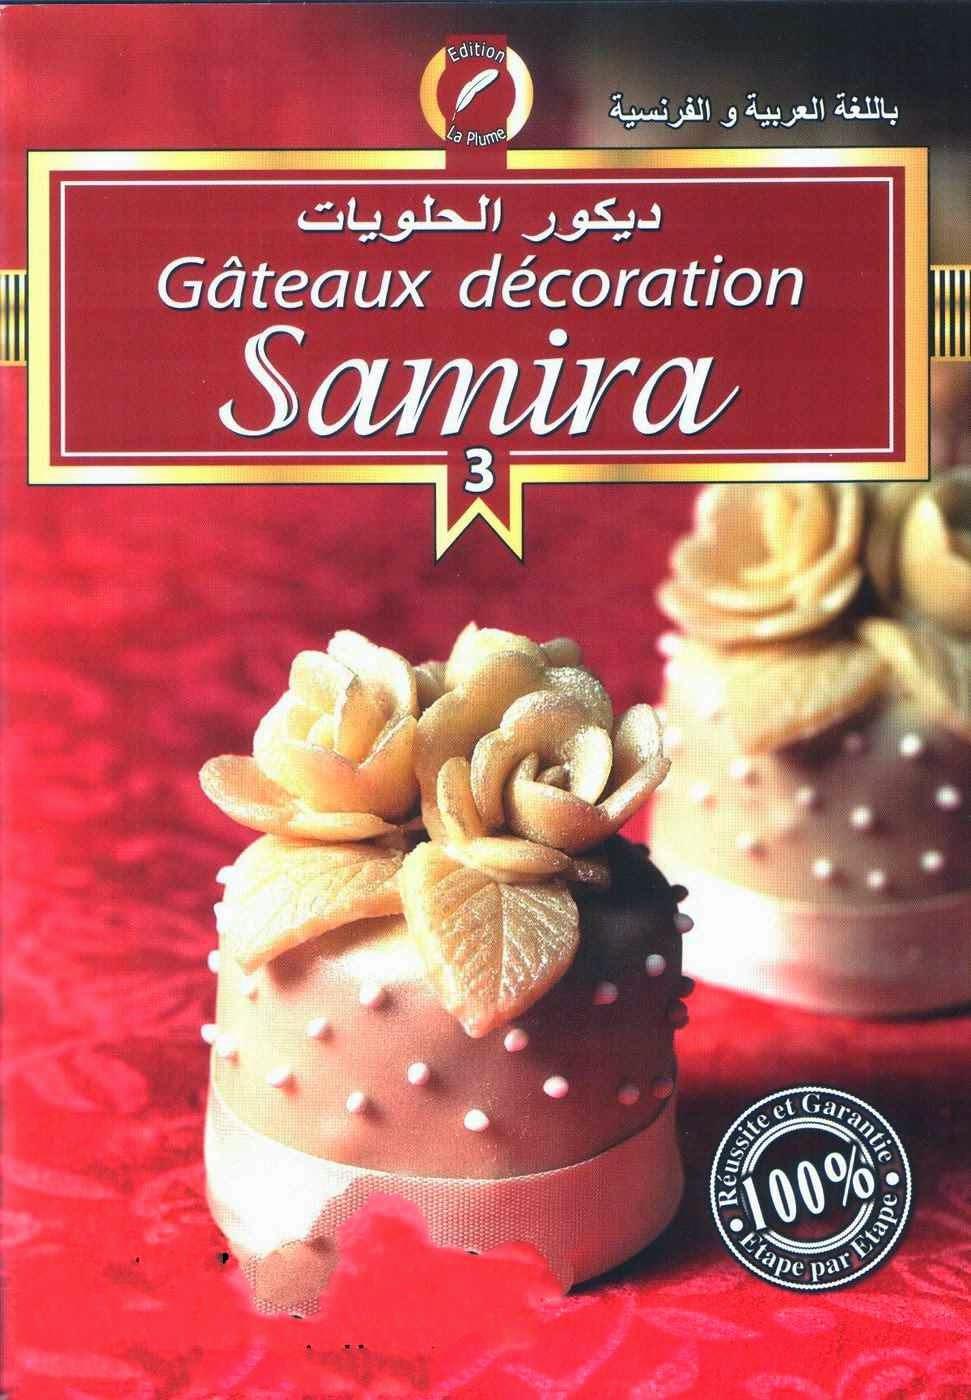 ديكور الحلويات 3 لـ سميرة ( باللغة العربية والفرنسية )